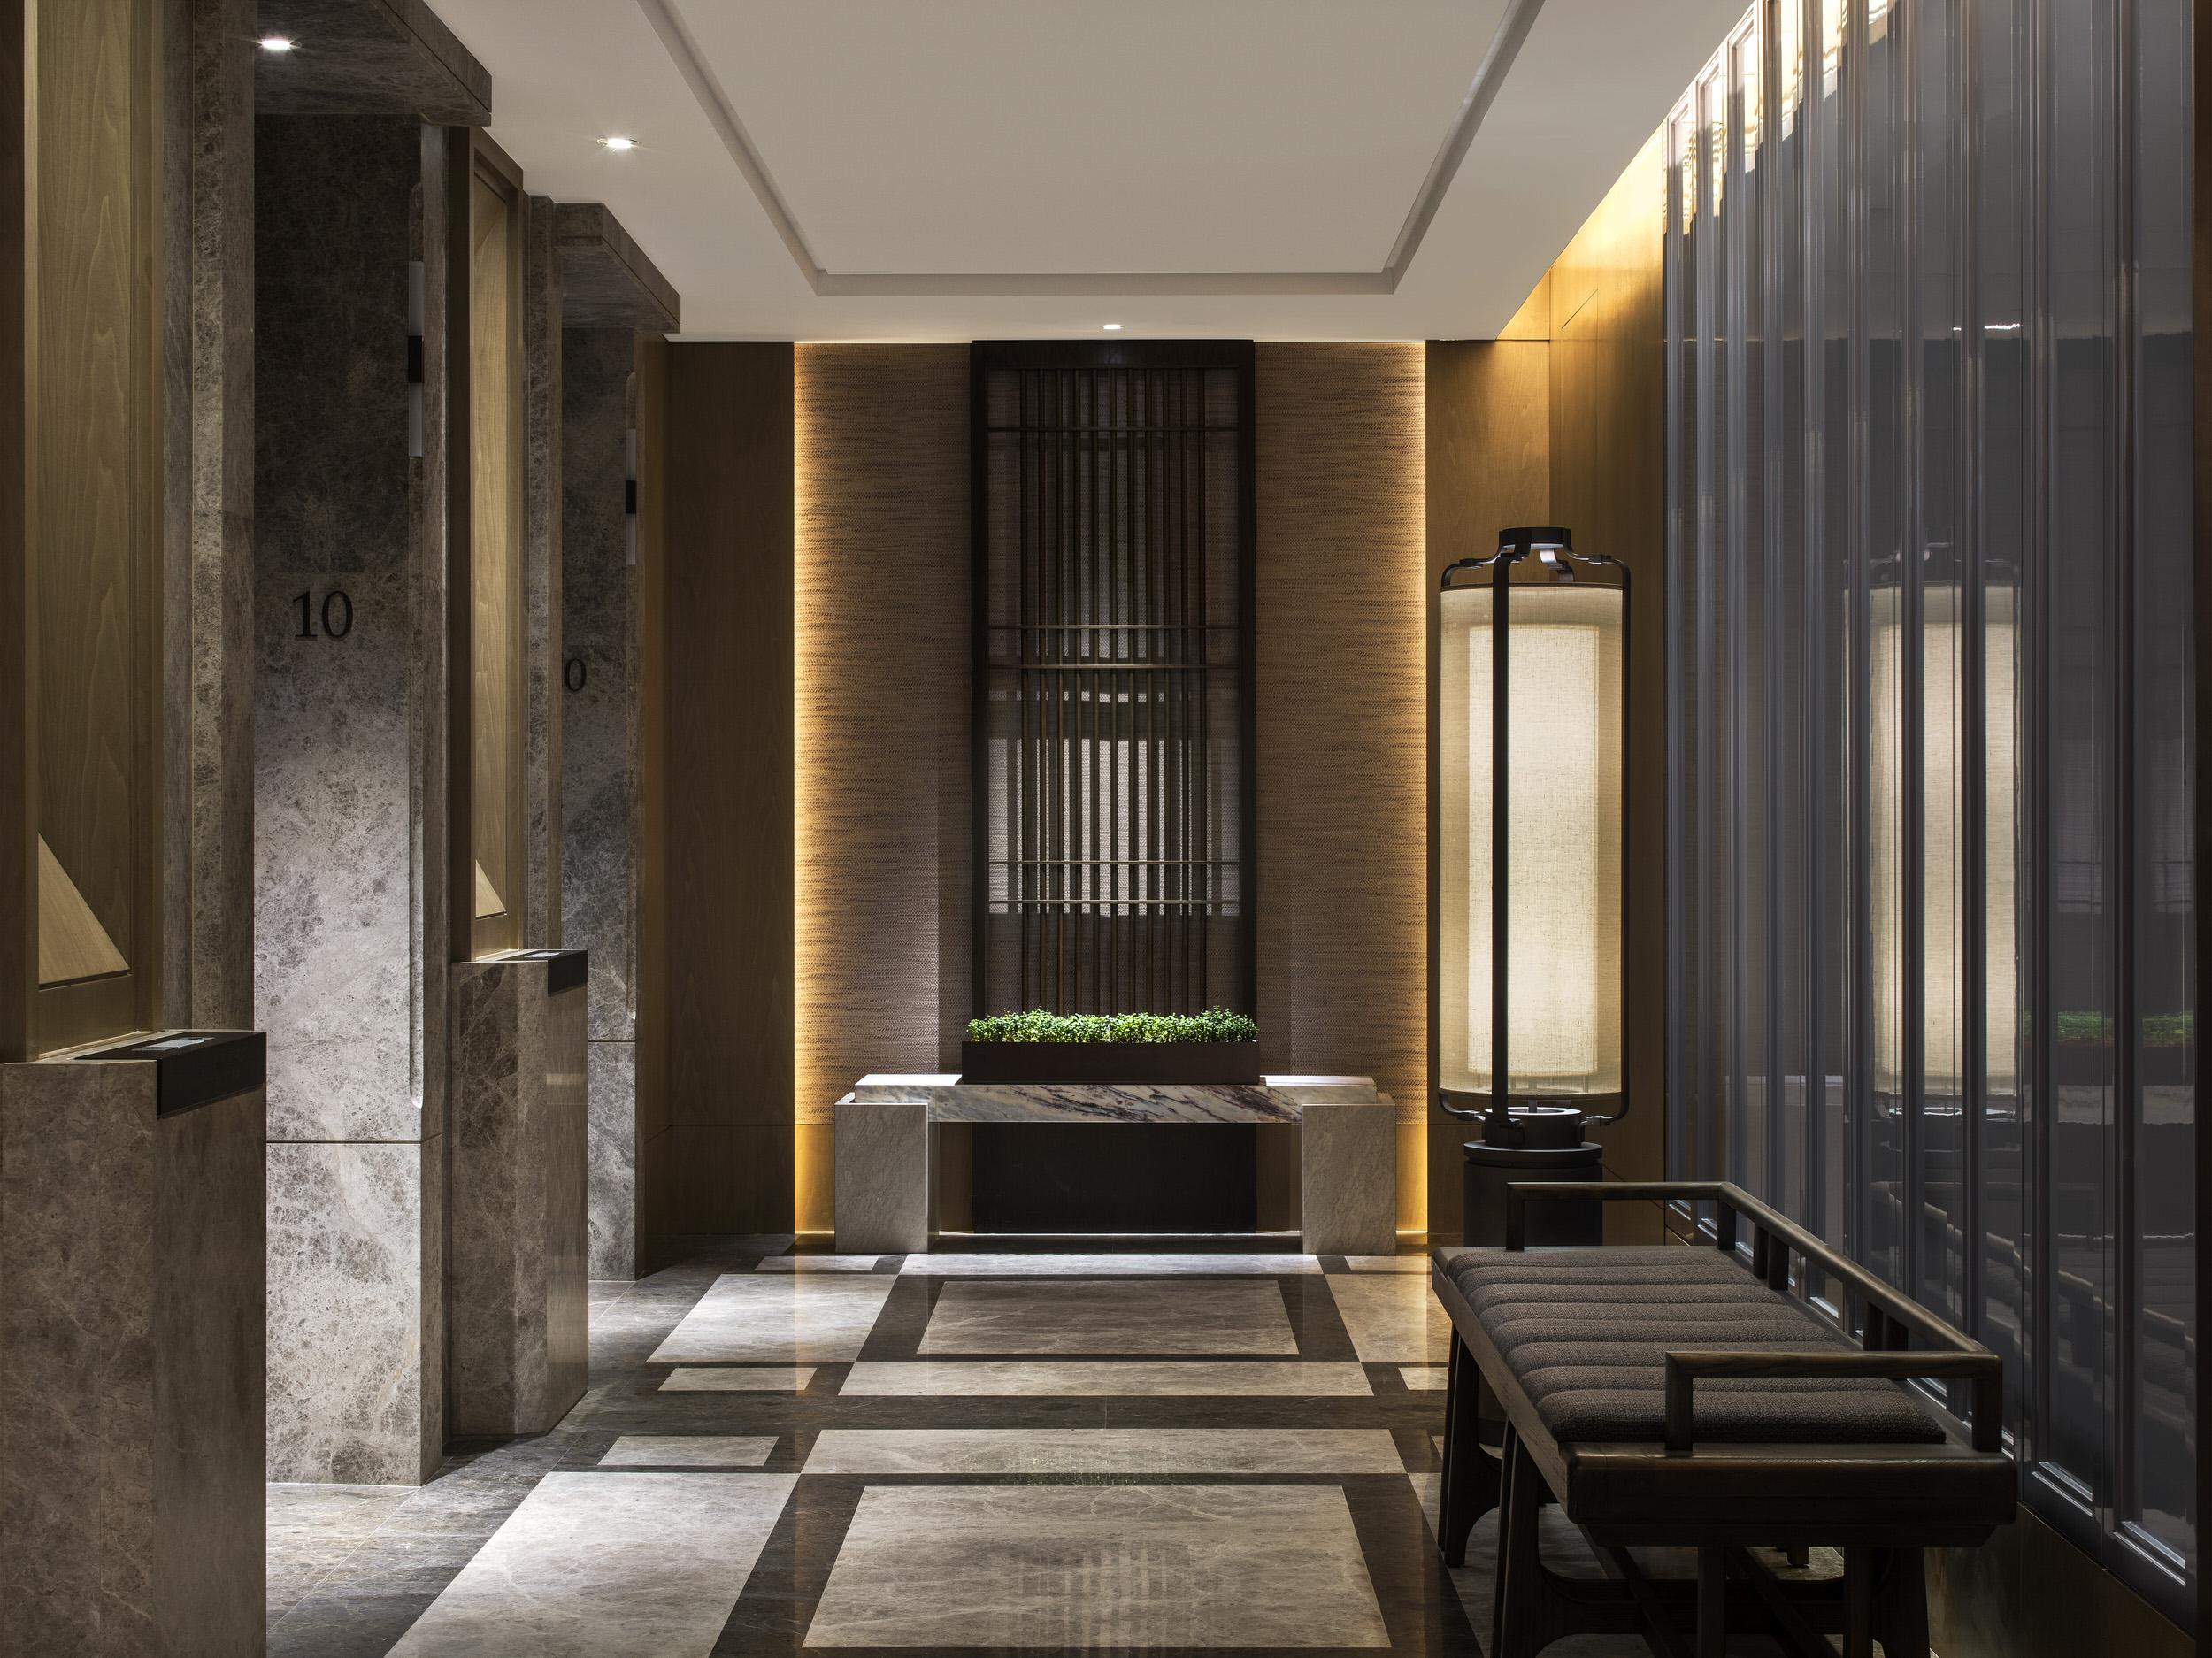 St.RegisHongKong, Guest Room Floors, Lift Landing_1.jpg